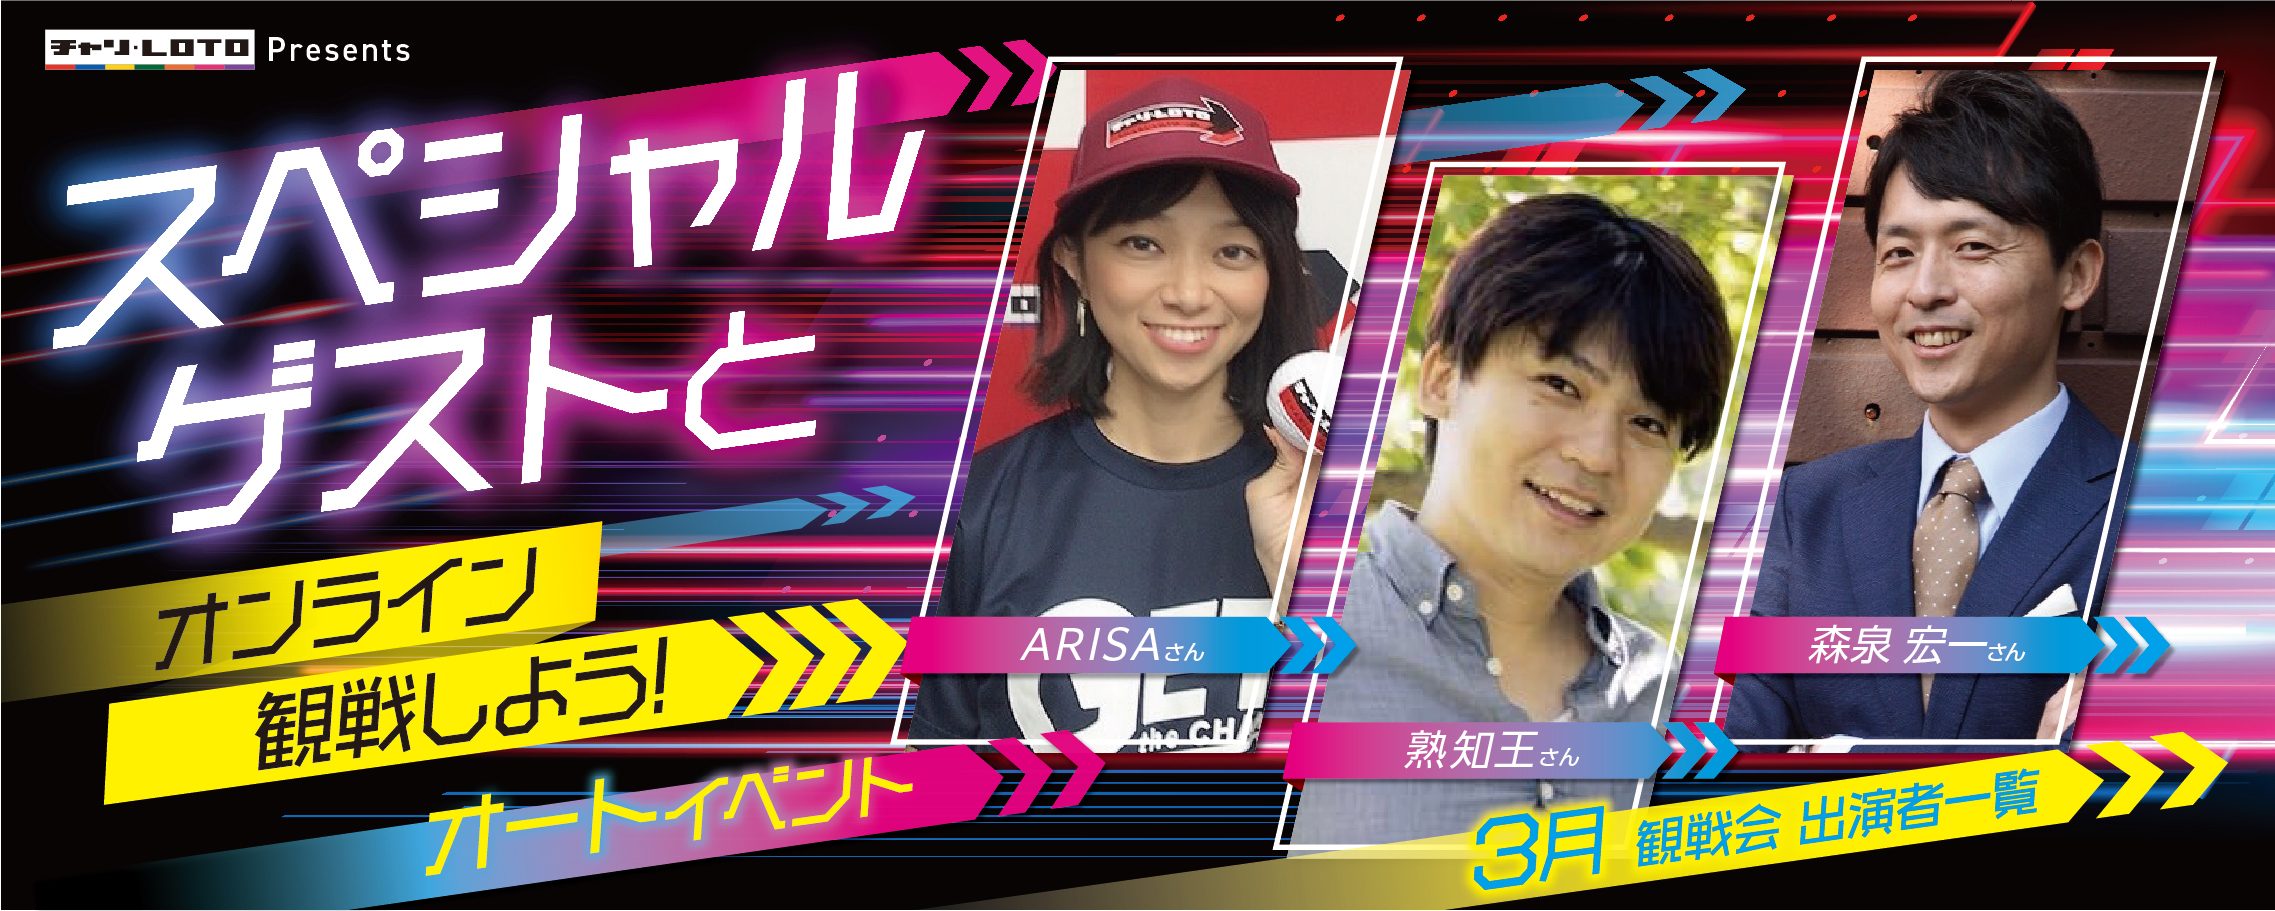 【動画でオンライン観戦!!】スペシャルゲストとオートレースをオンライン観戦しよう!※音声のみの参加可能